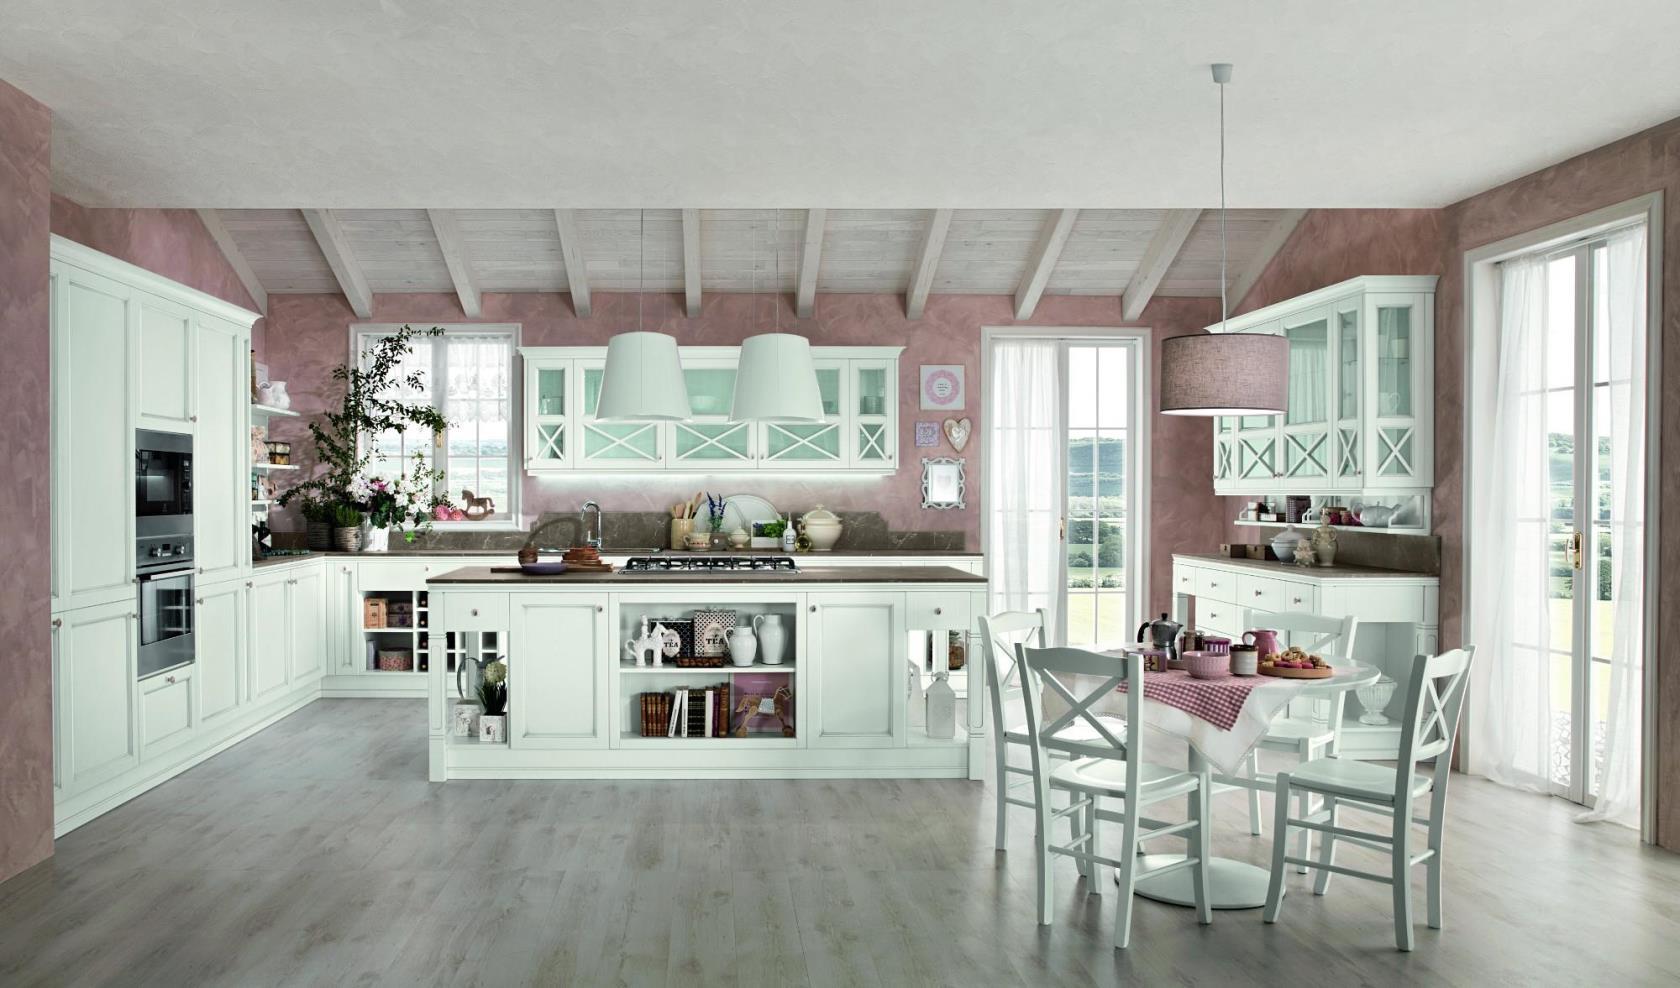 pavoncello mobili roma  Arredamento Cucine